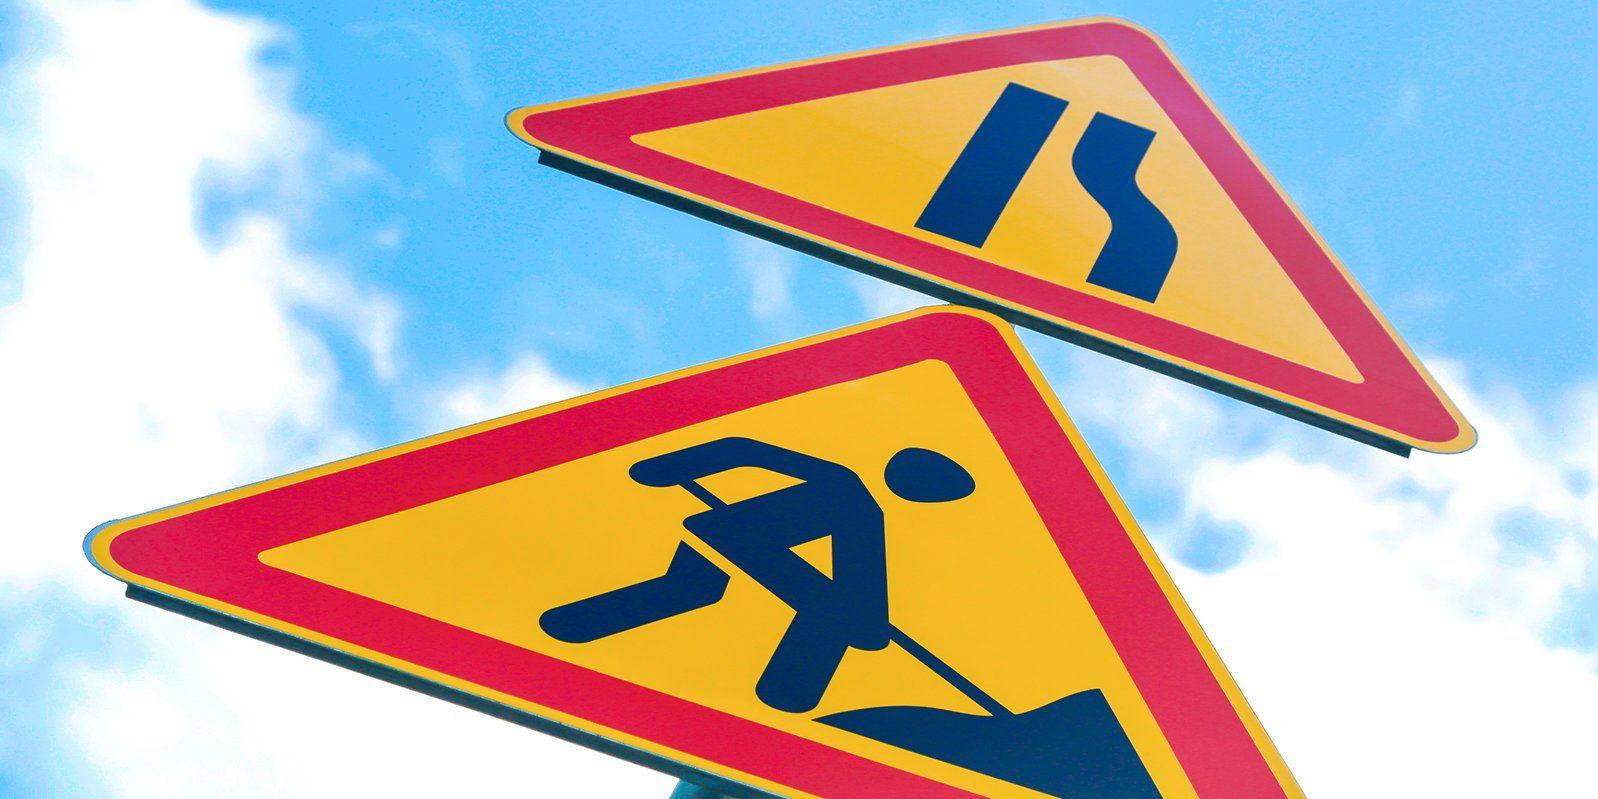 Тему круглого стола в Троицке посвятили трассировки дороги №74 «Троицк — Ботаково». Фото: сайт мэра Москвы